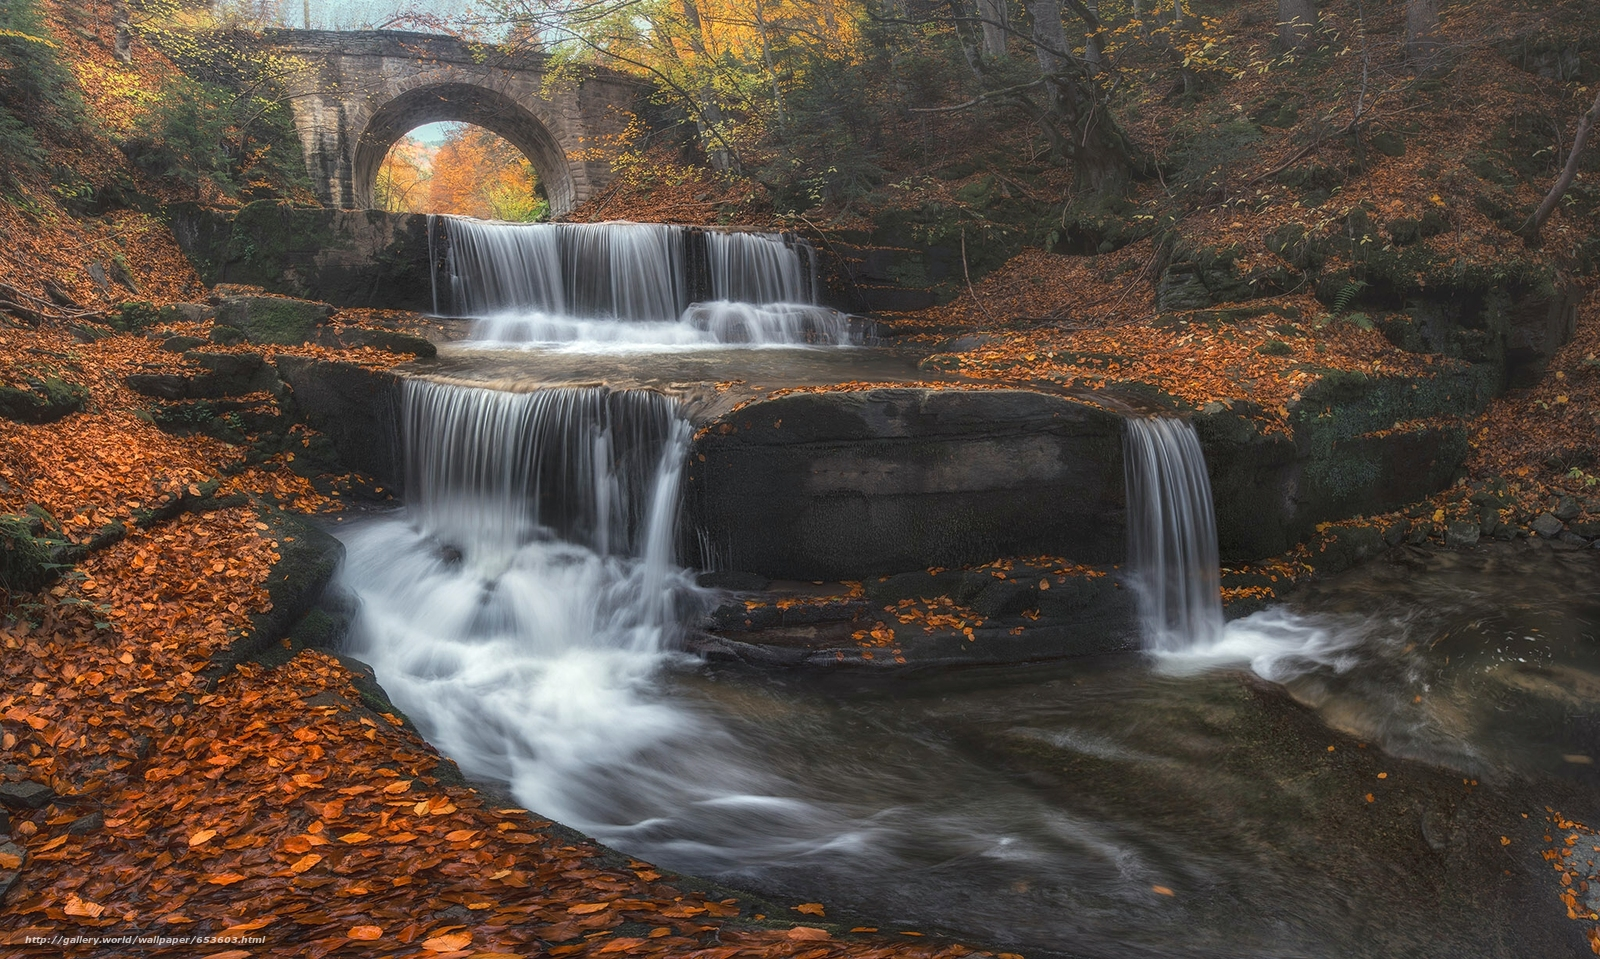 Download Hintergrund Bulgarien,  Bulgarien,  Wasserfall,  Kaskade Freie desktop Tapeten in der Auflosung 2048x1228 — bild №653603